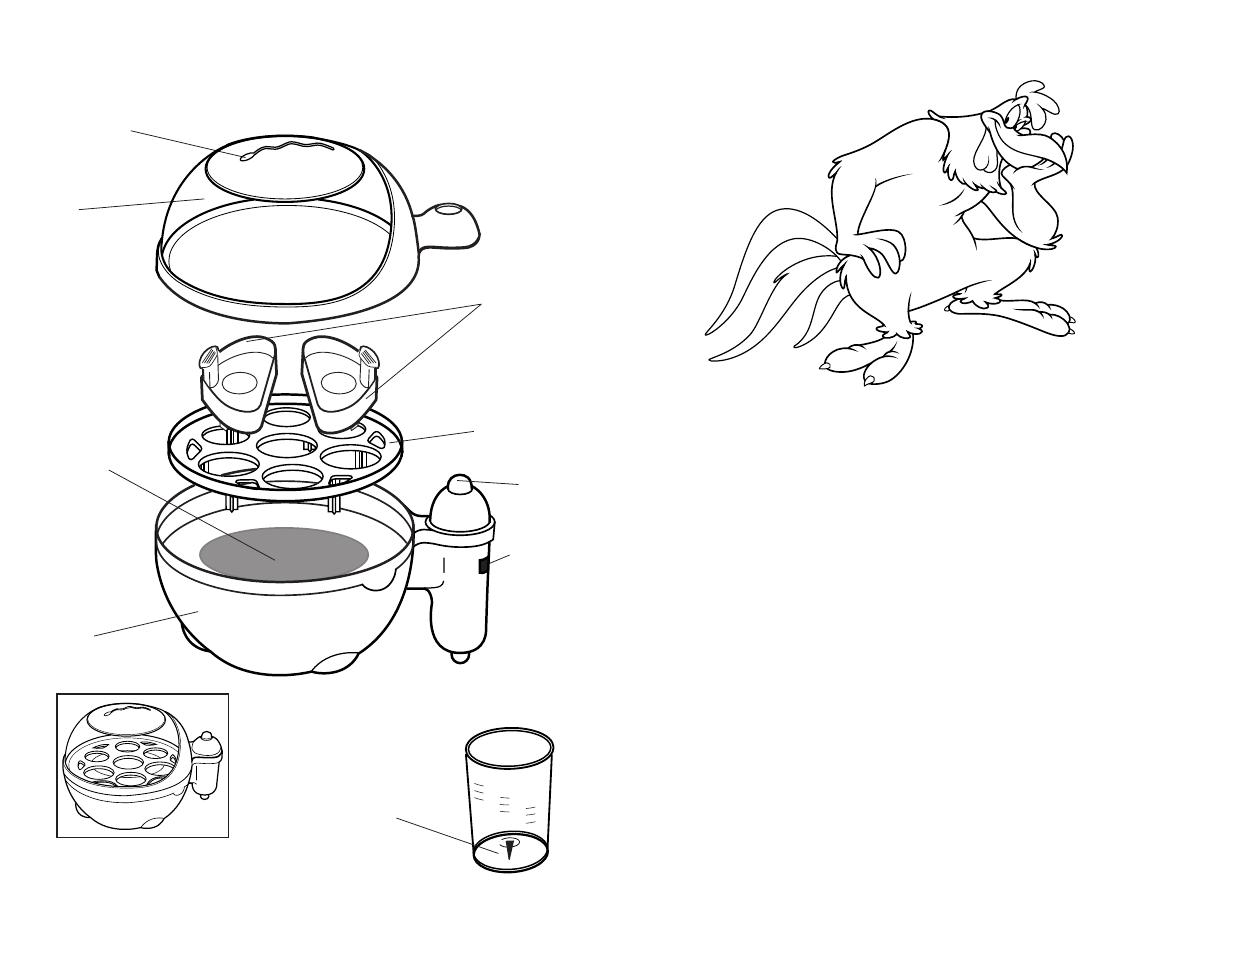 Salton rice cooker ra3a manual.